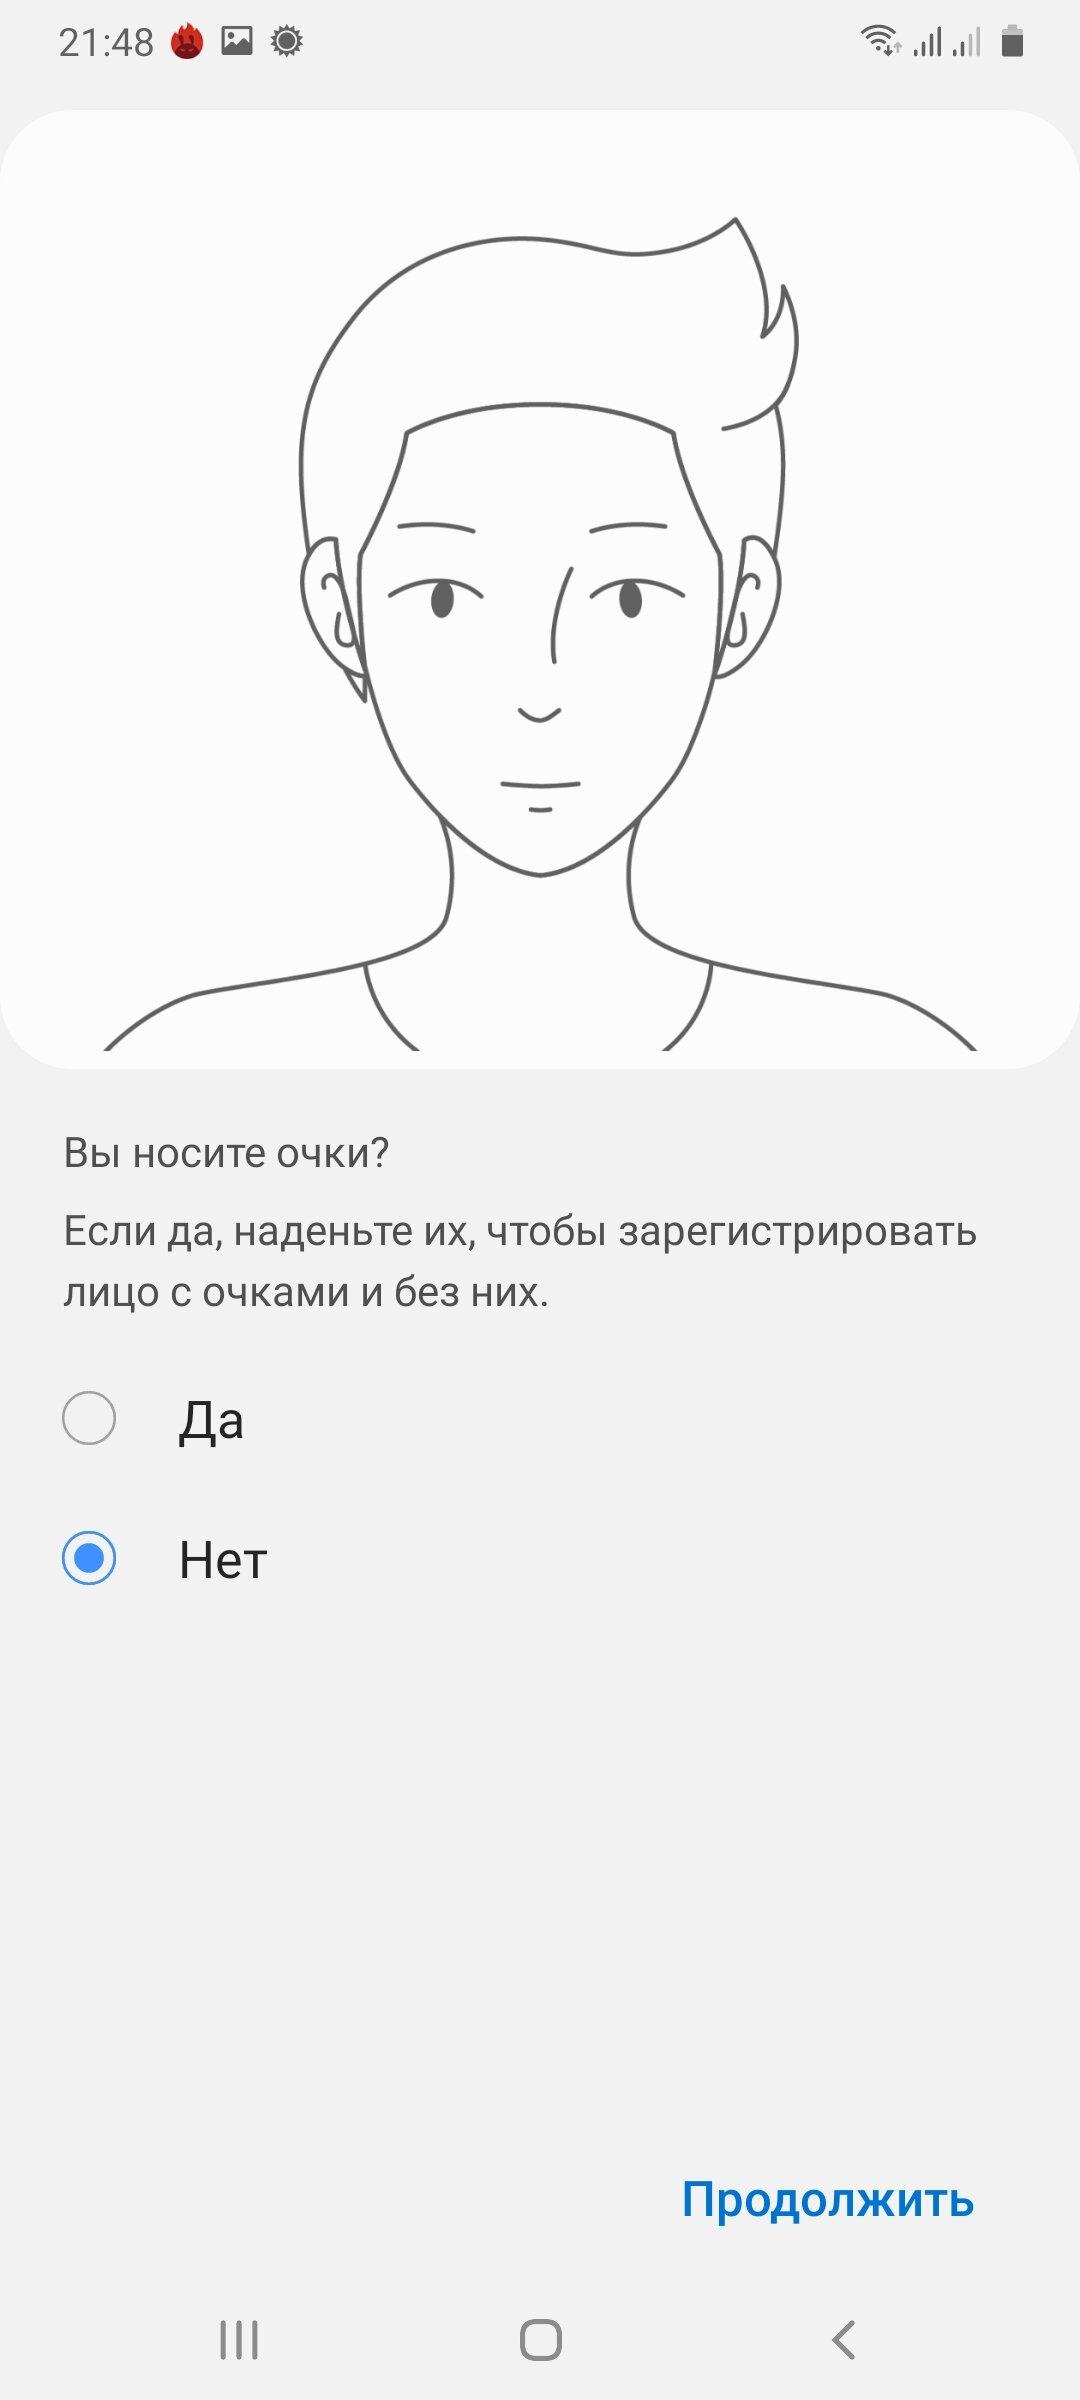 trashbox.ru программы майнкрафт 1 8 8 #6